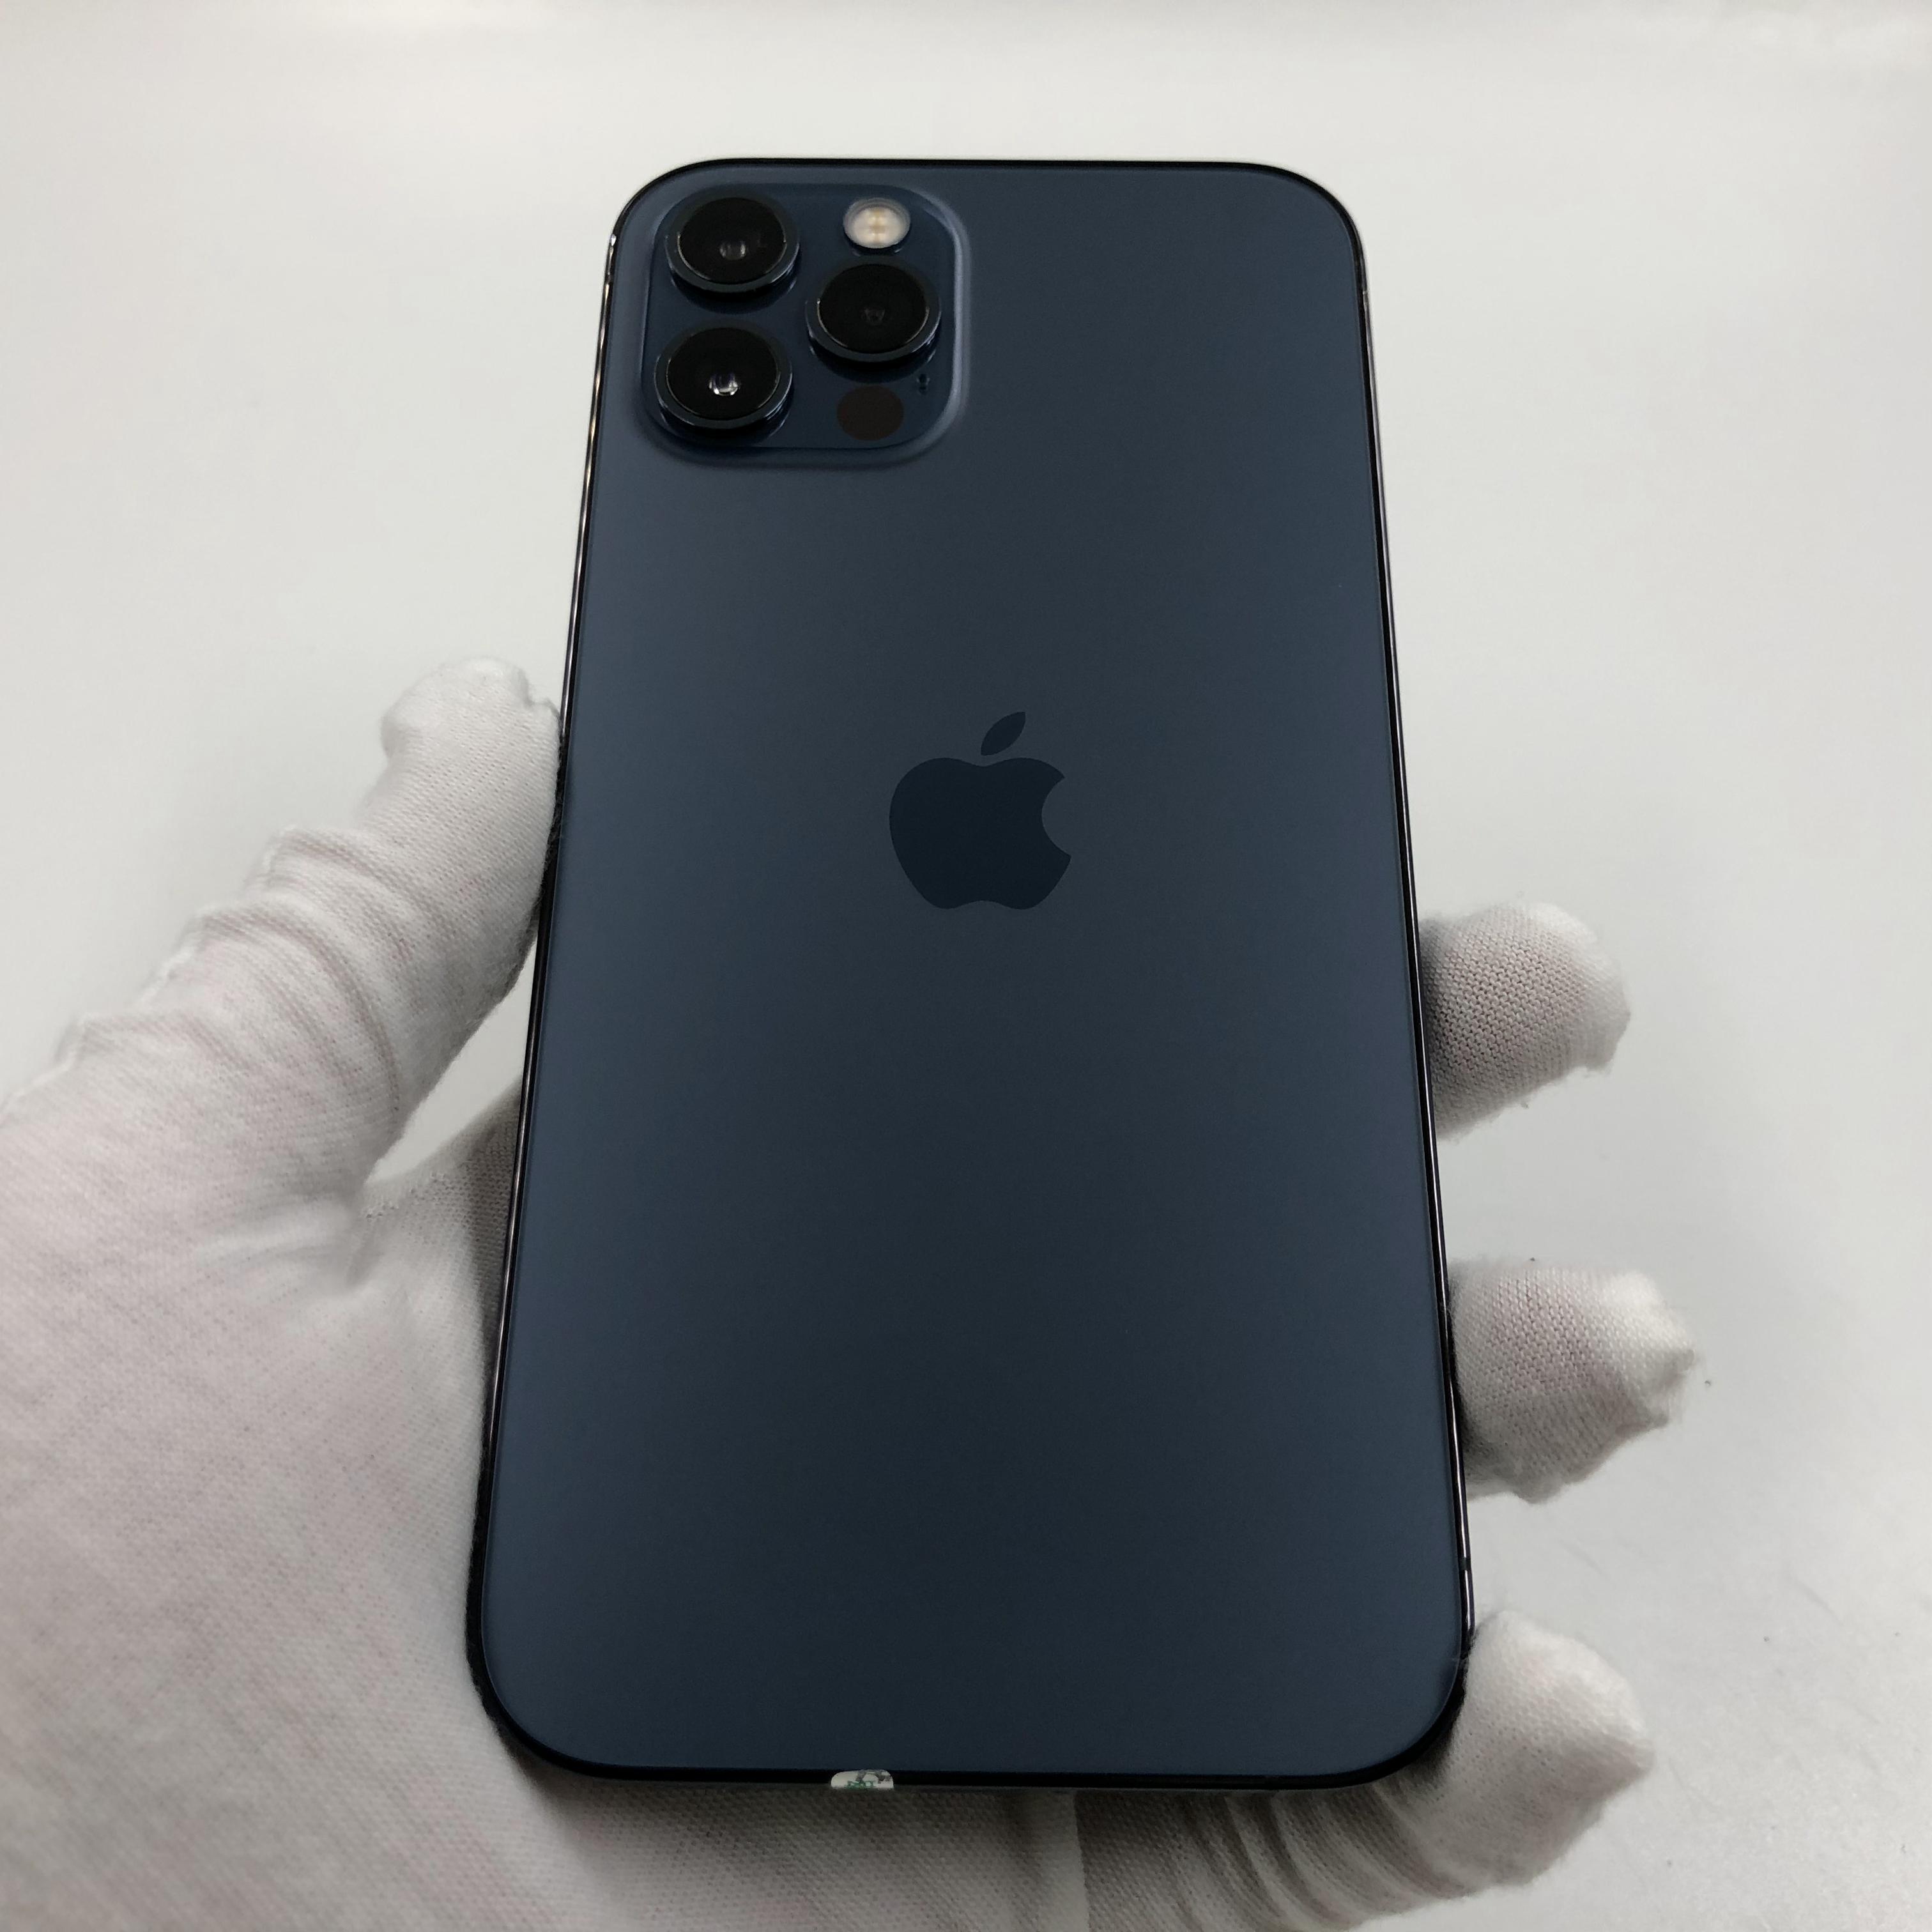 苹果【iPhone 12 Pro】5G全网通 海蓝色 256G 国行 95新 真机实拍官保2022-04-03